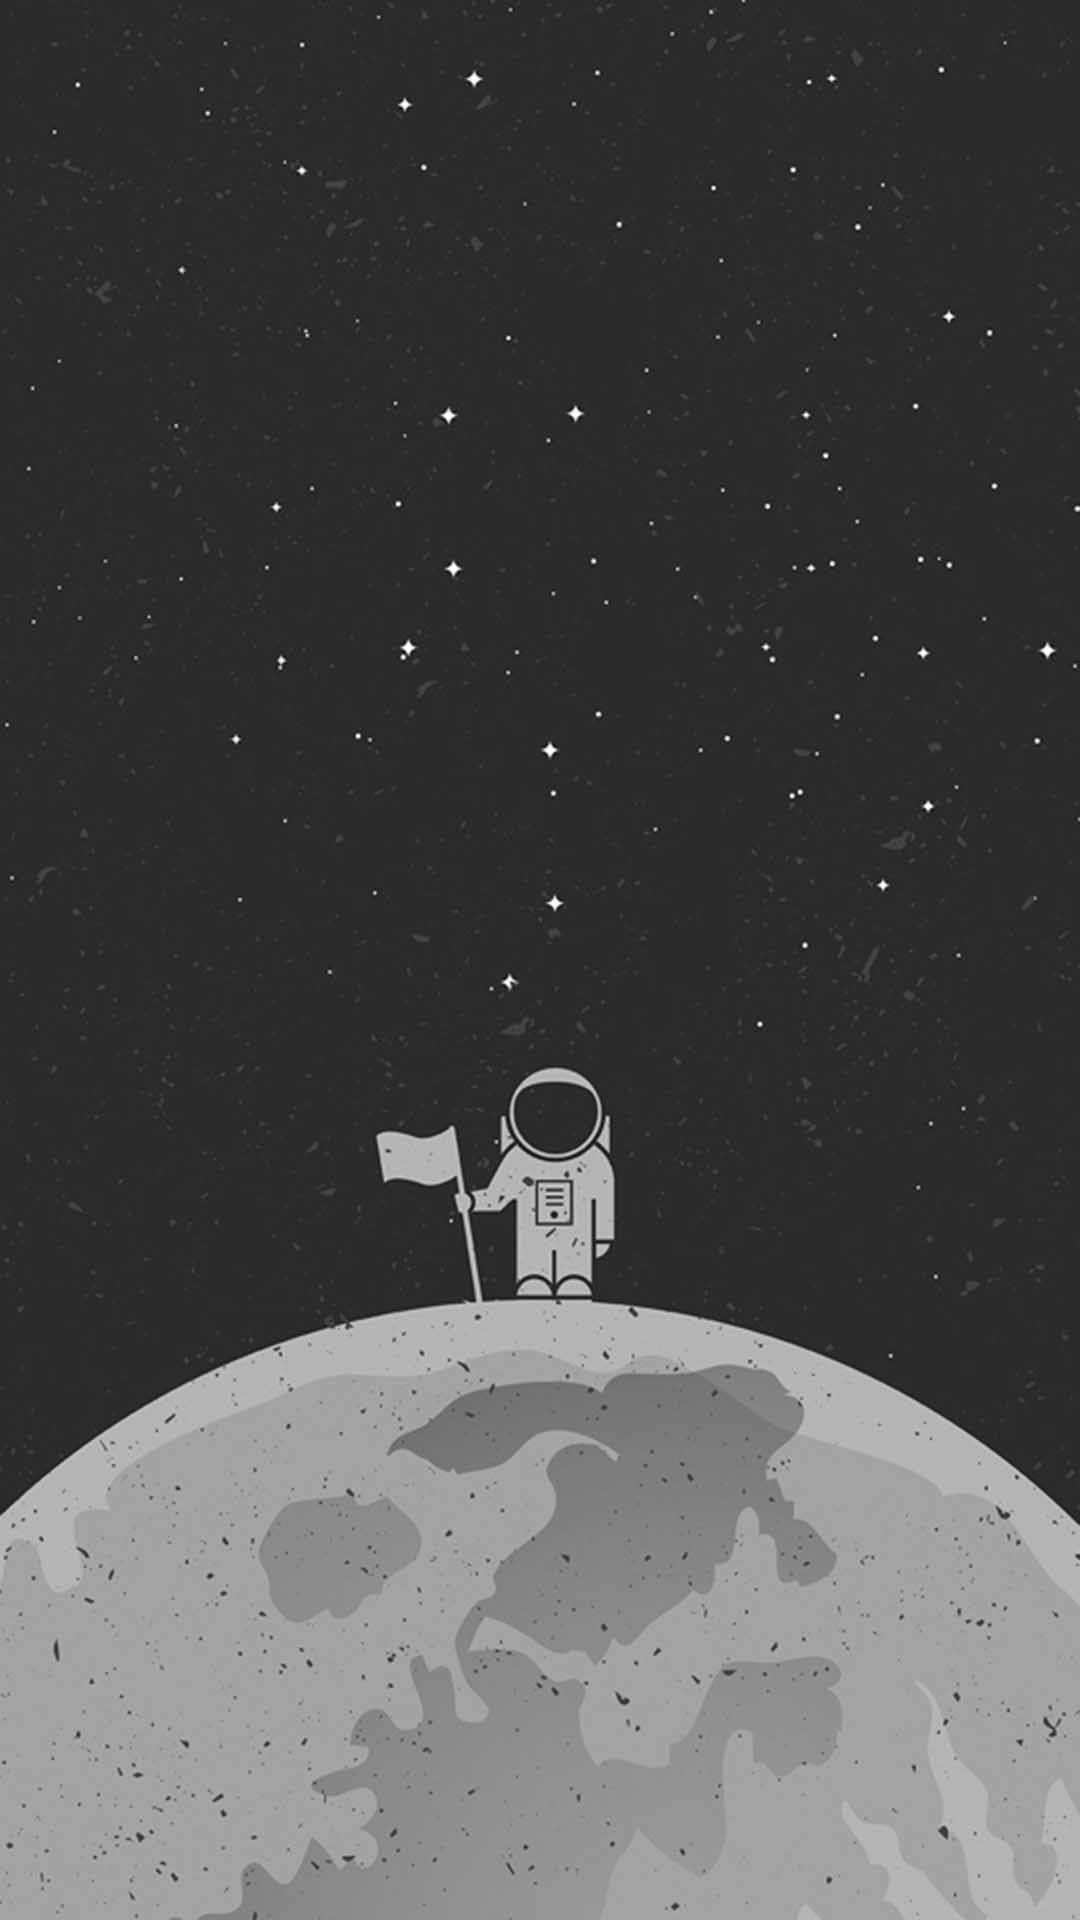 Astronaut In Space Wallpaper Cartoon